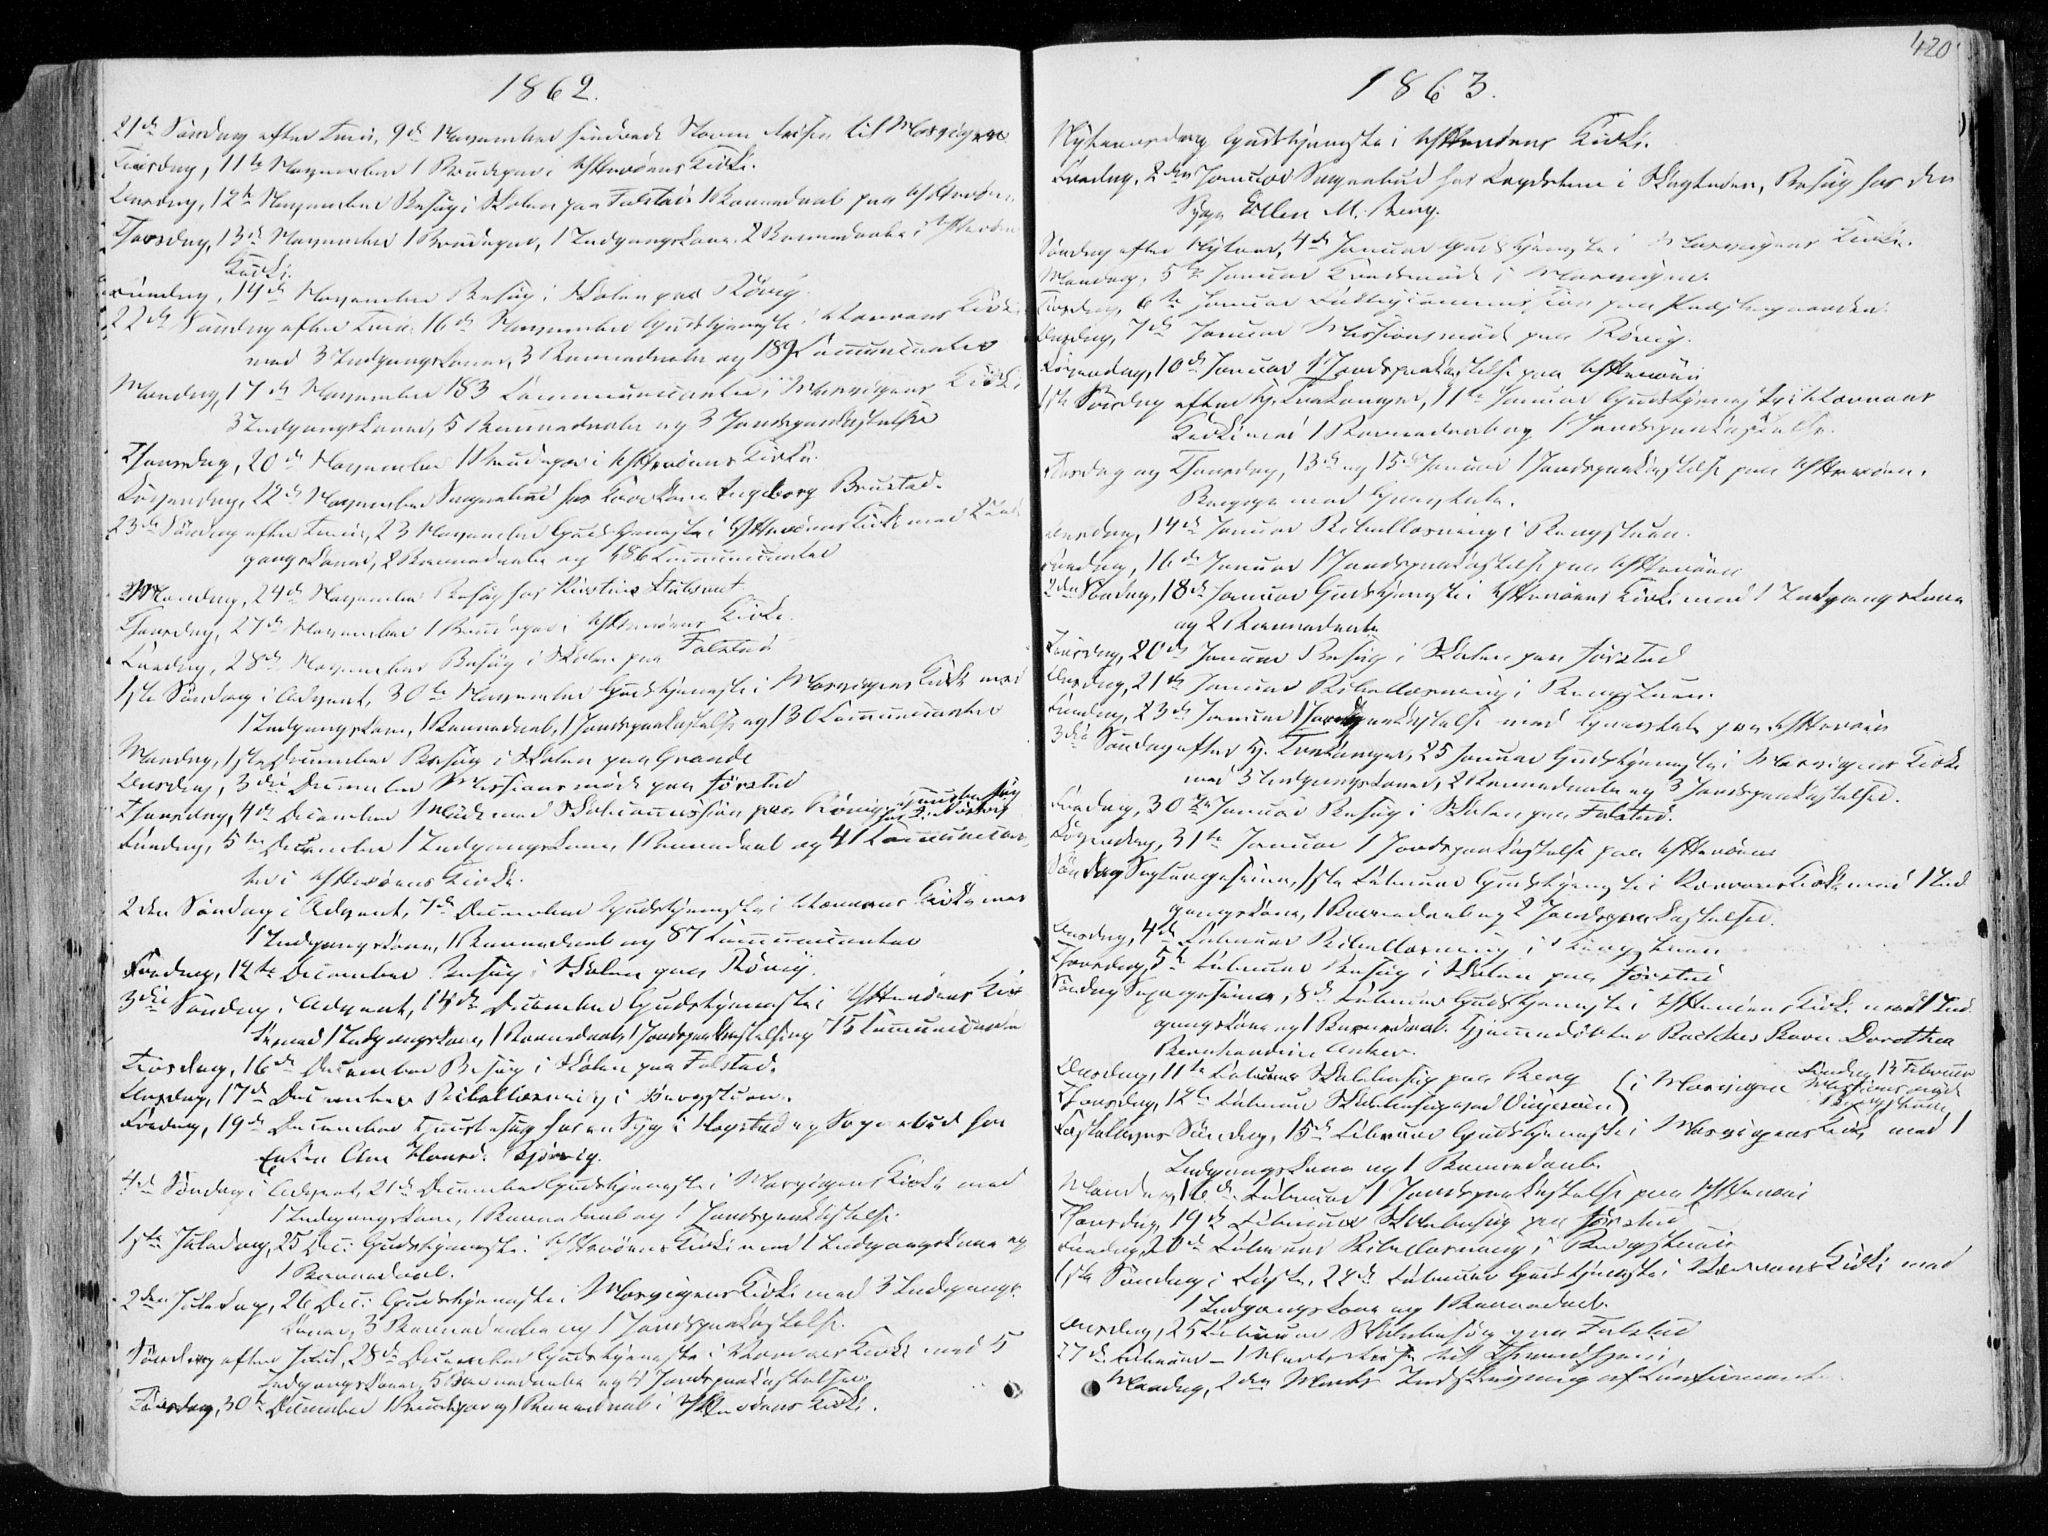 SAT, Ministerialprotokoller, klokkerbøker og fødselsregistre - Nord-Trøndelag, 722/L0218: Ministerialbok nr. 722A05, 1843-1868, s. 420